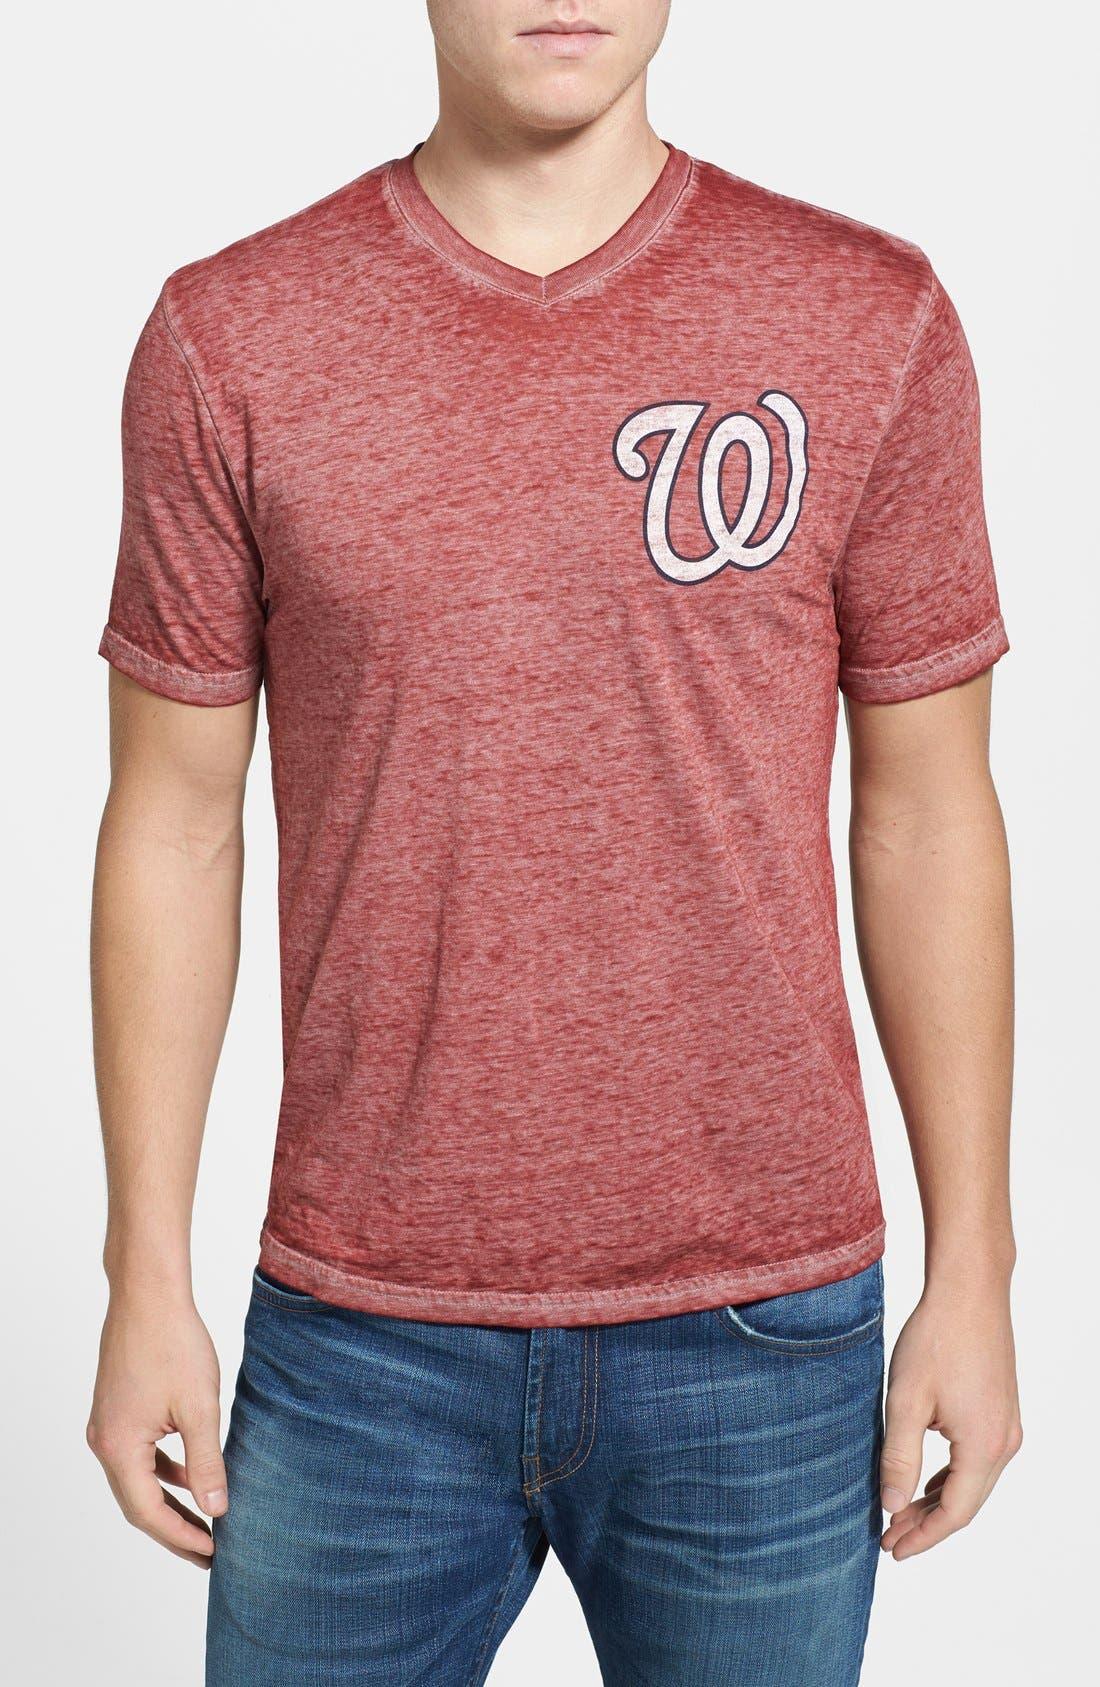 Alternate Image 1 Selected - Red Jacket 'Washington Nationals - Burnout' V-Neck T-Shirt